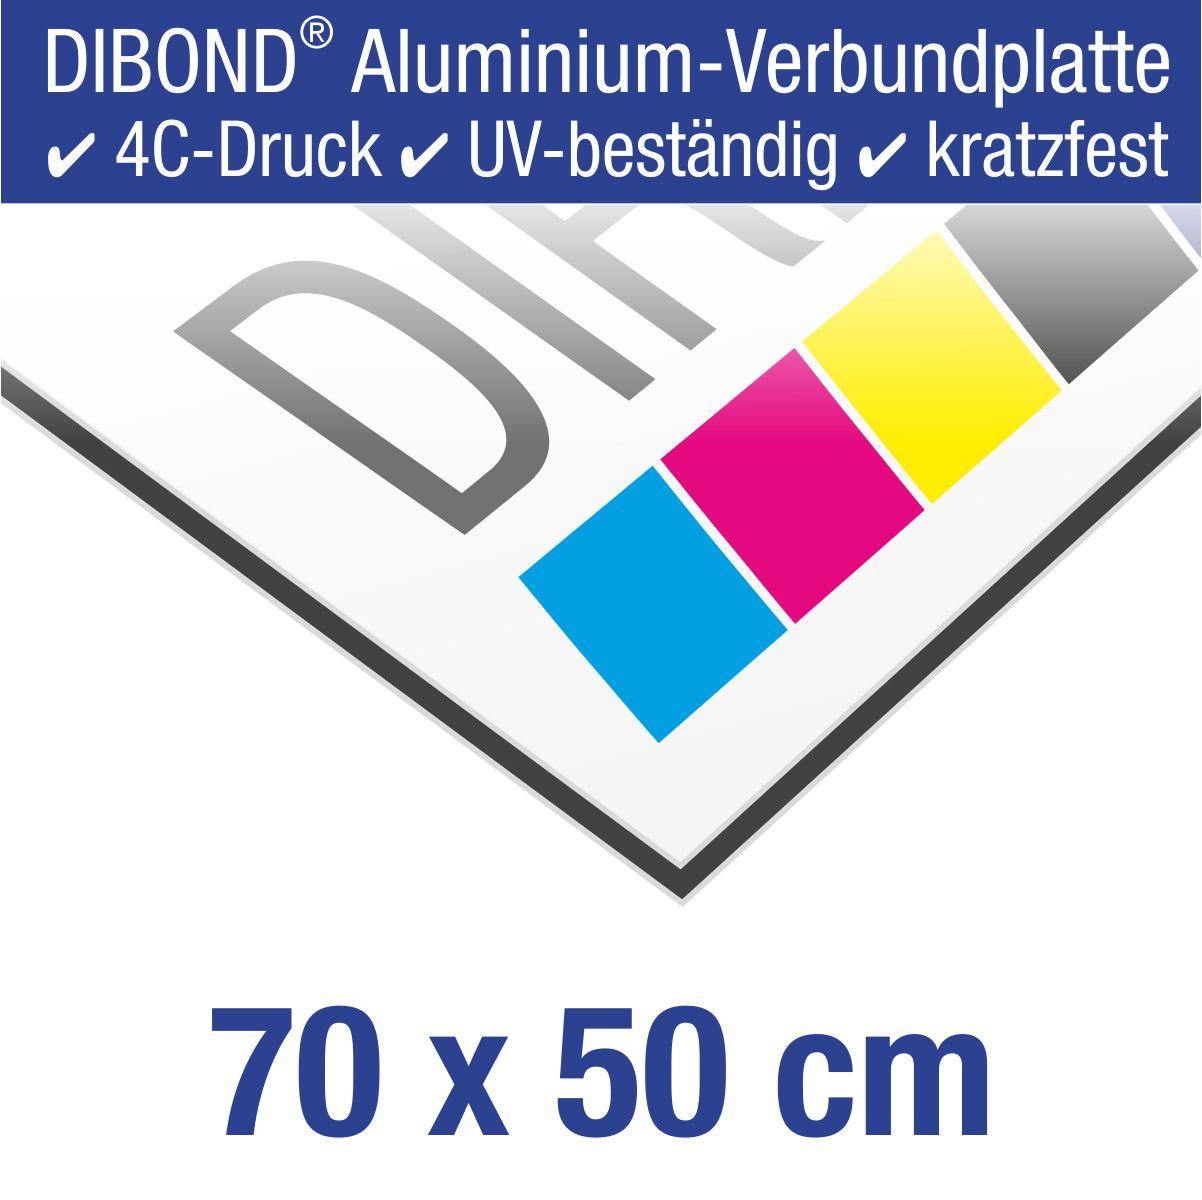 DIBOND® Schild mit 4C-Druck | 70 x 50 cm